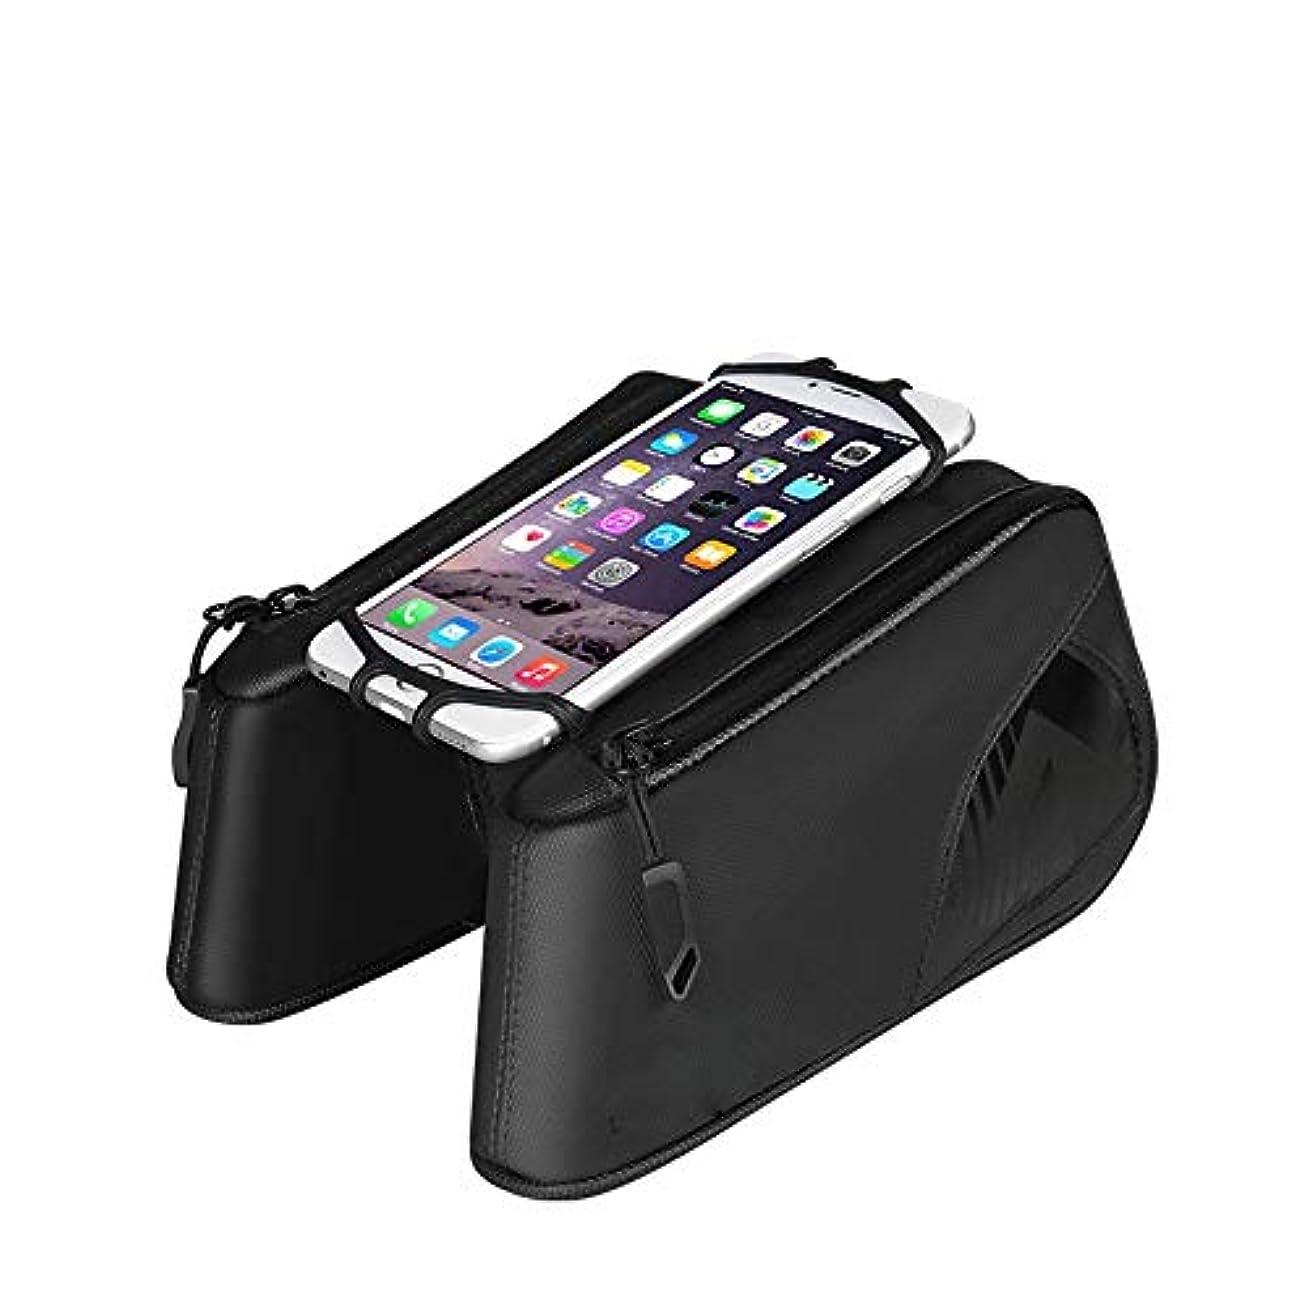 バッテリーポルノレバーサイクリングフレームバッグ 360°回転携帯電話ホルダー付きバイクフロントフレームバッグトップチューブバイクバッグバイクパニエバッグ 電話収納バッグ (Color : Black, Size : 20*10*5cm)